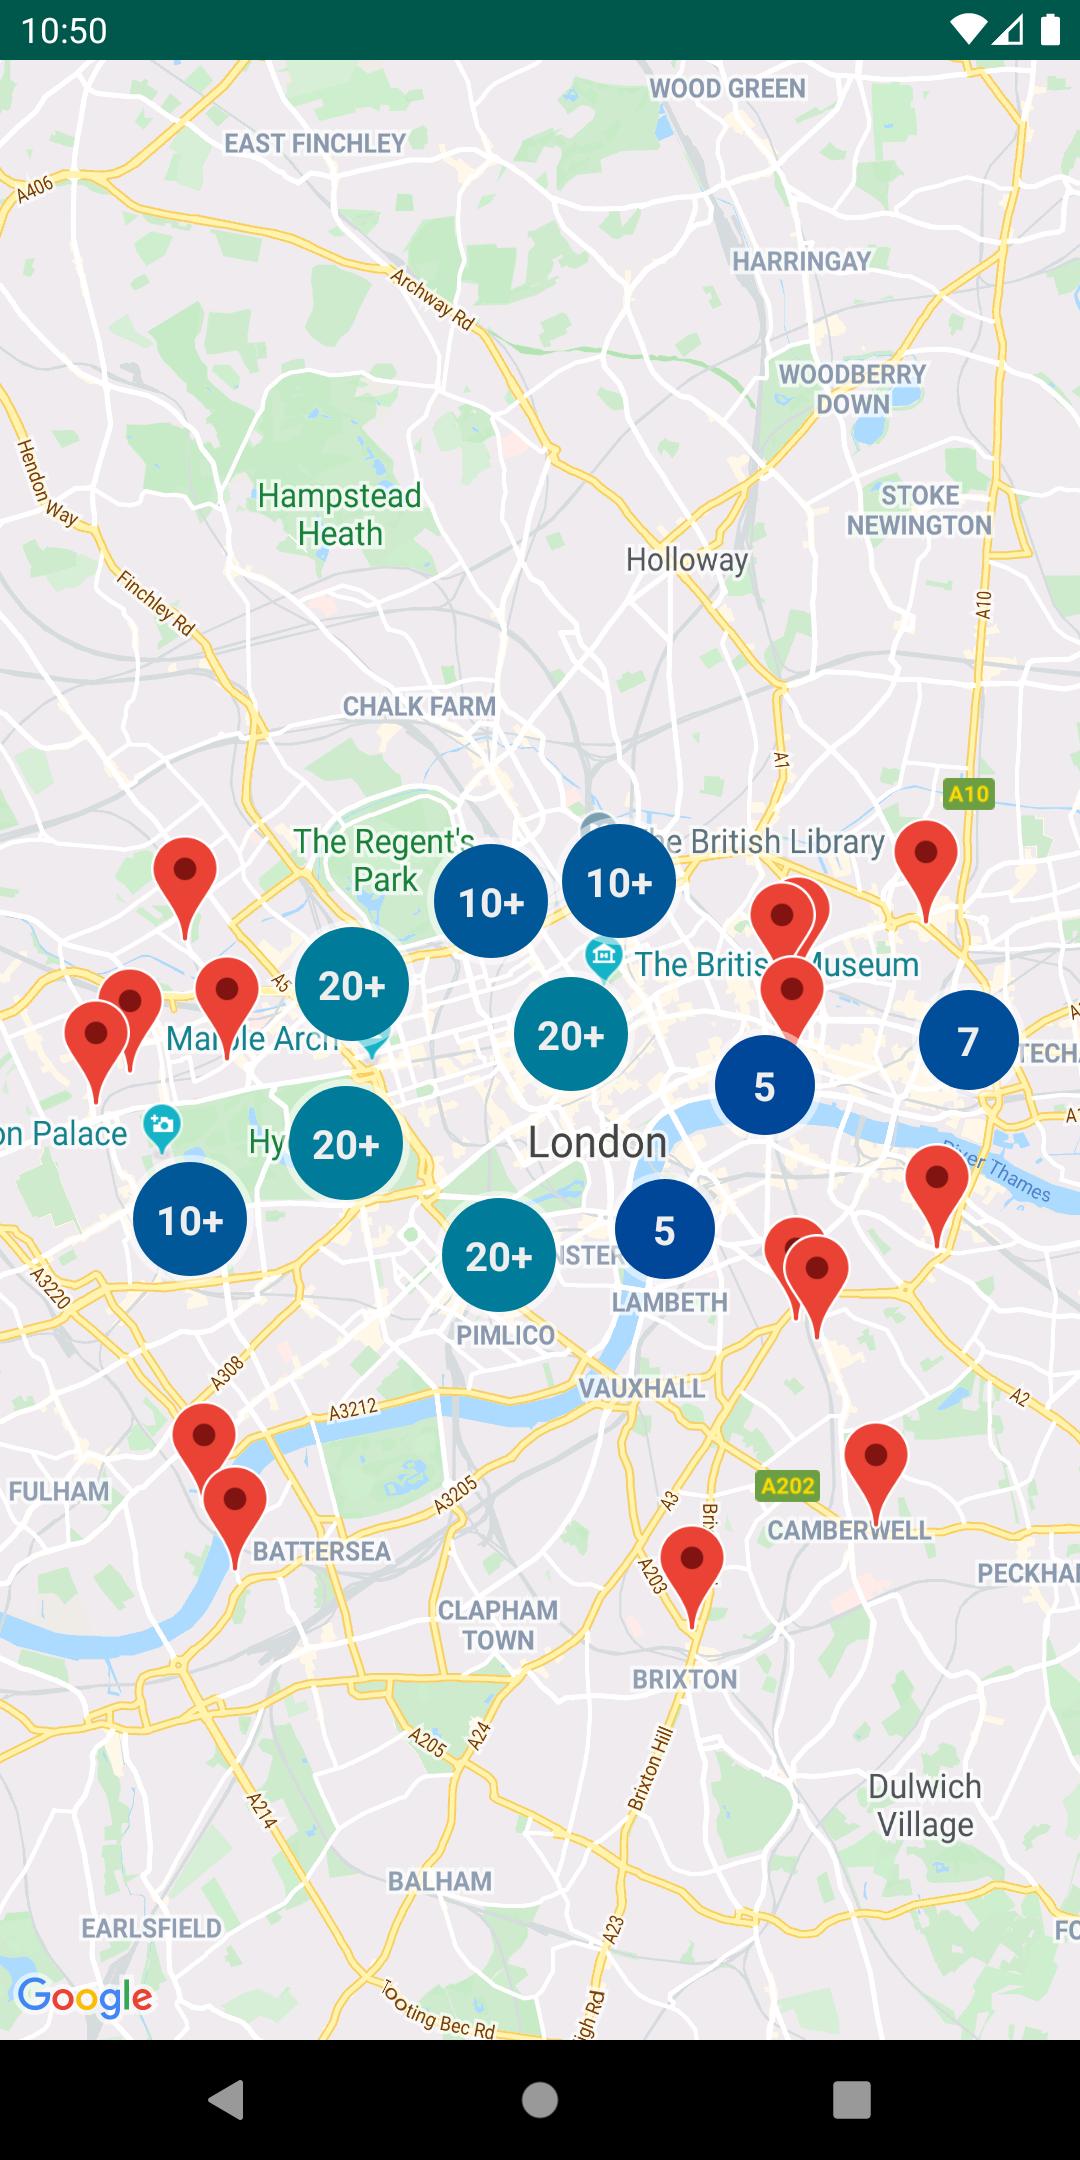 Mapa con marcadores agrupados en clústeres